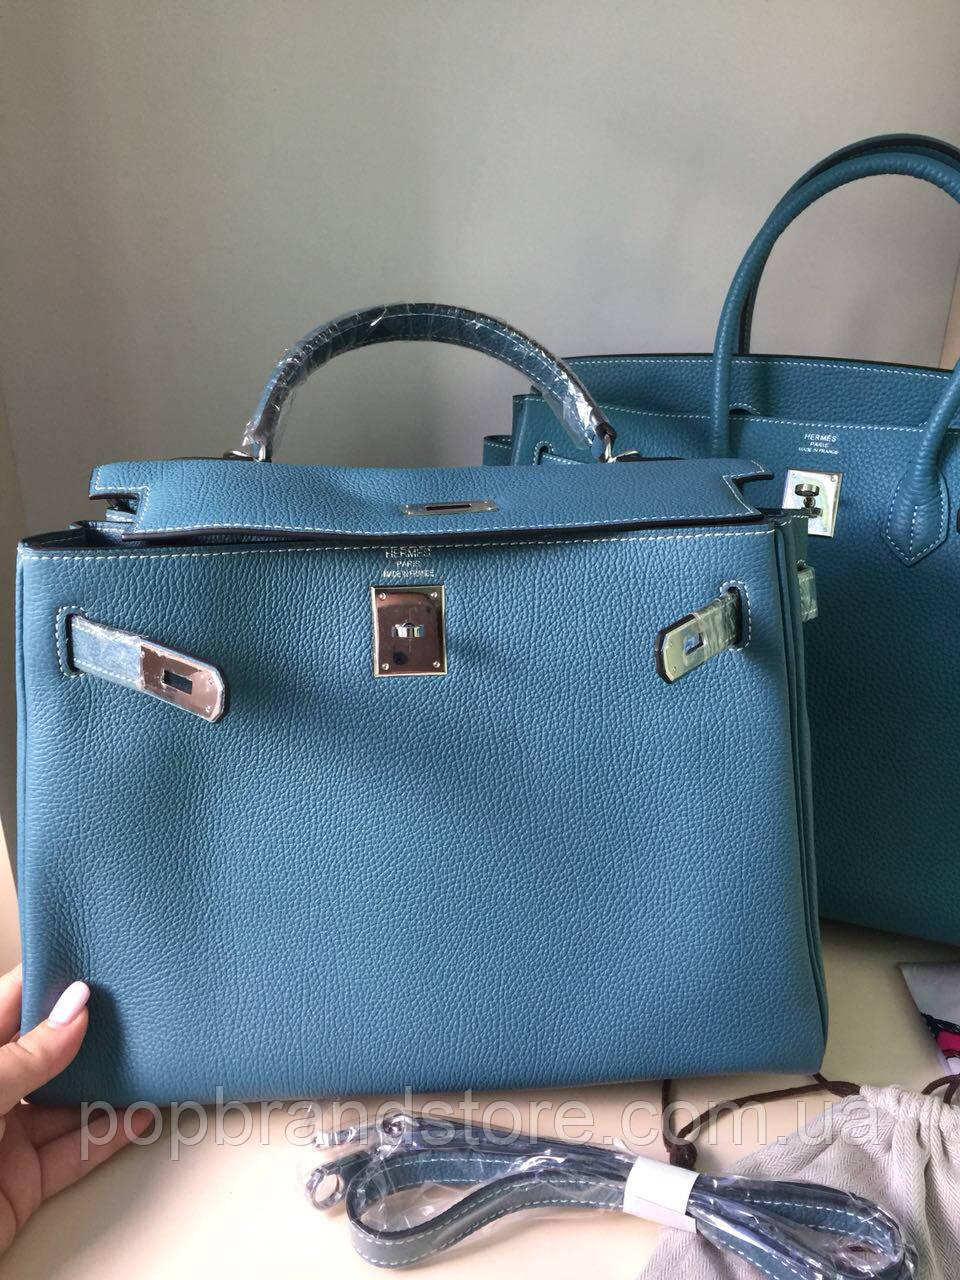 44859a1a7729 Женская сумка Гермес келли 32 см голубая (реплика) - Pop Brand Store    брендовые